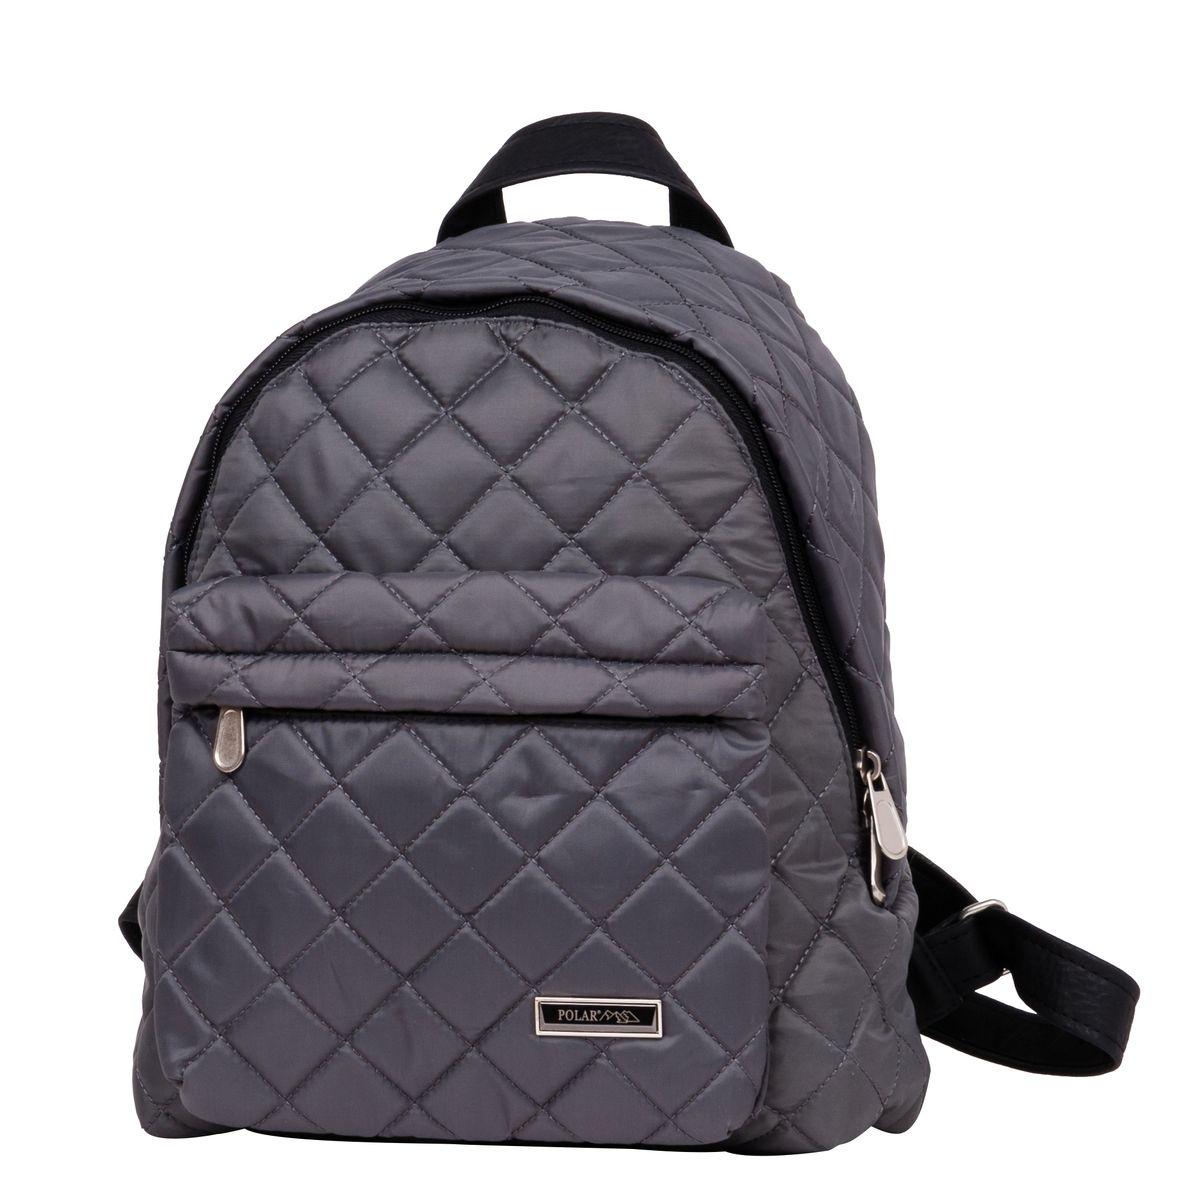 Рюкзак городской Polar, цвет: серый, 16 л. п7074-06 - Рюкзаки